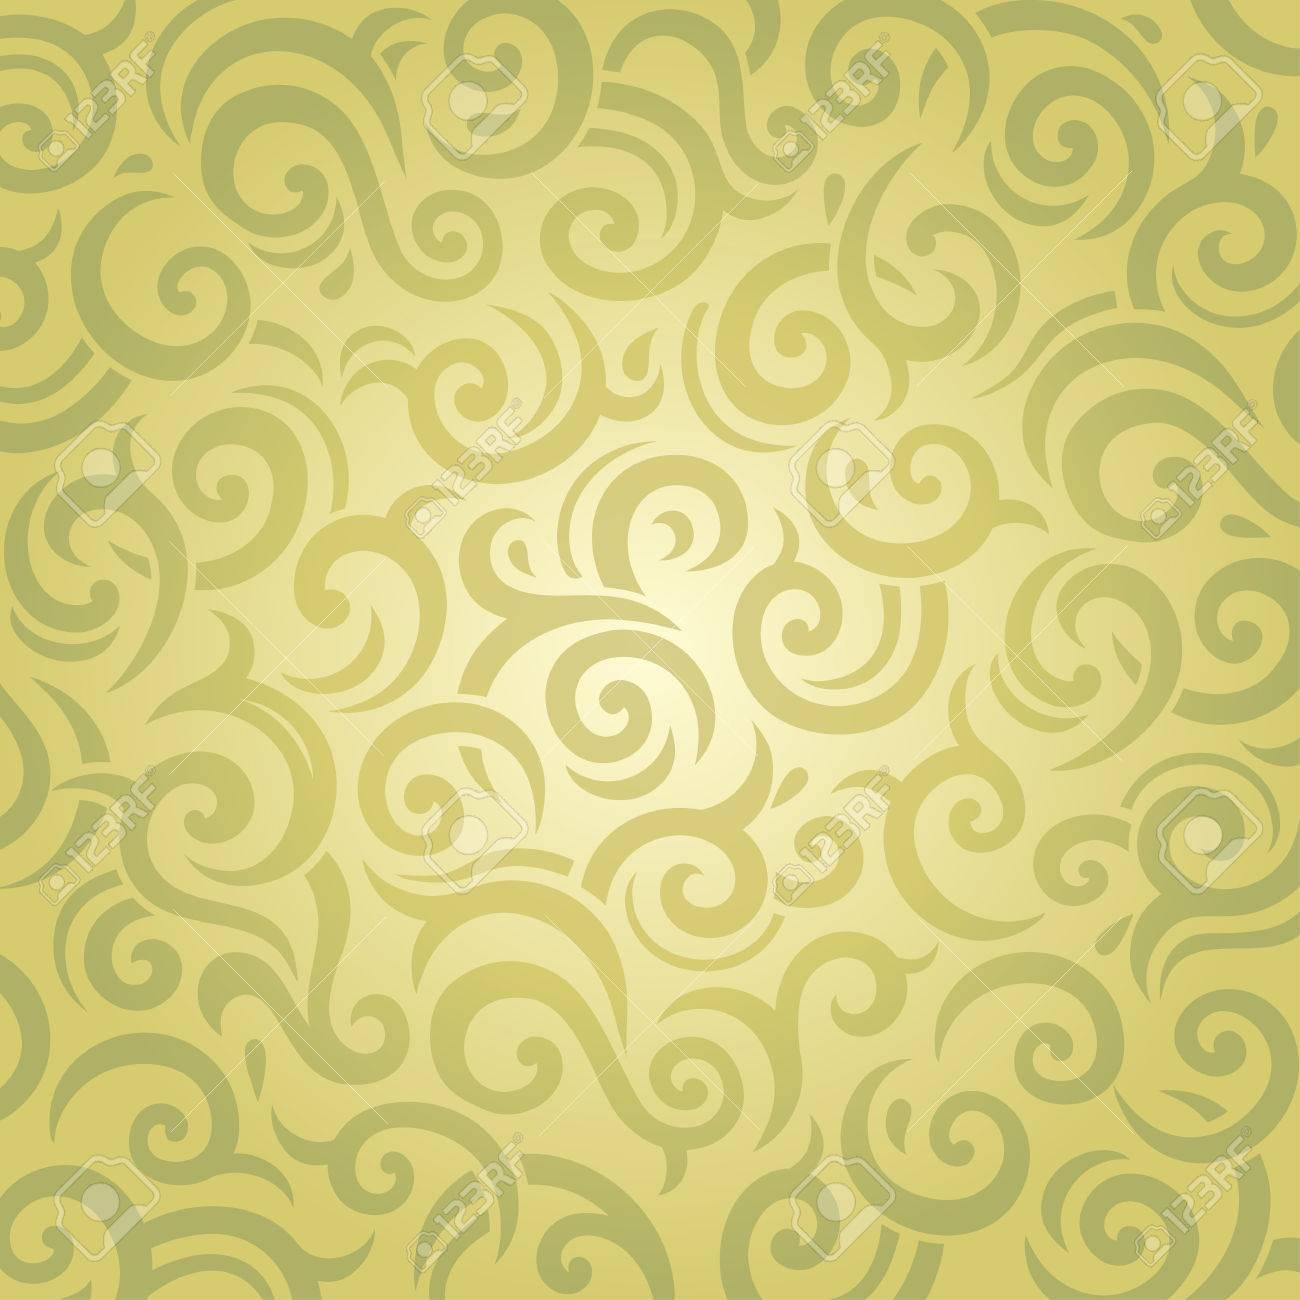 Green Vintage Retro Decorative Wallpaper Vector Design Royalty Free ...